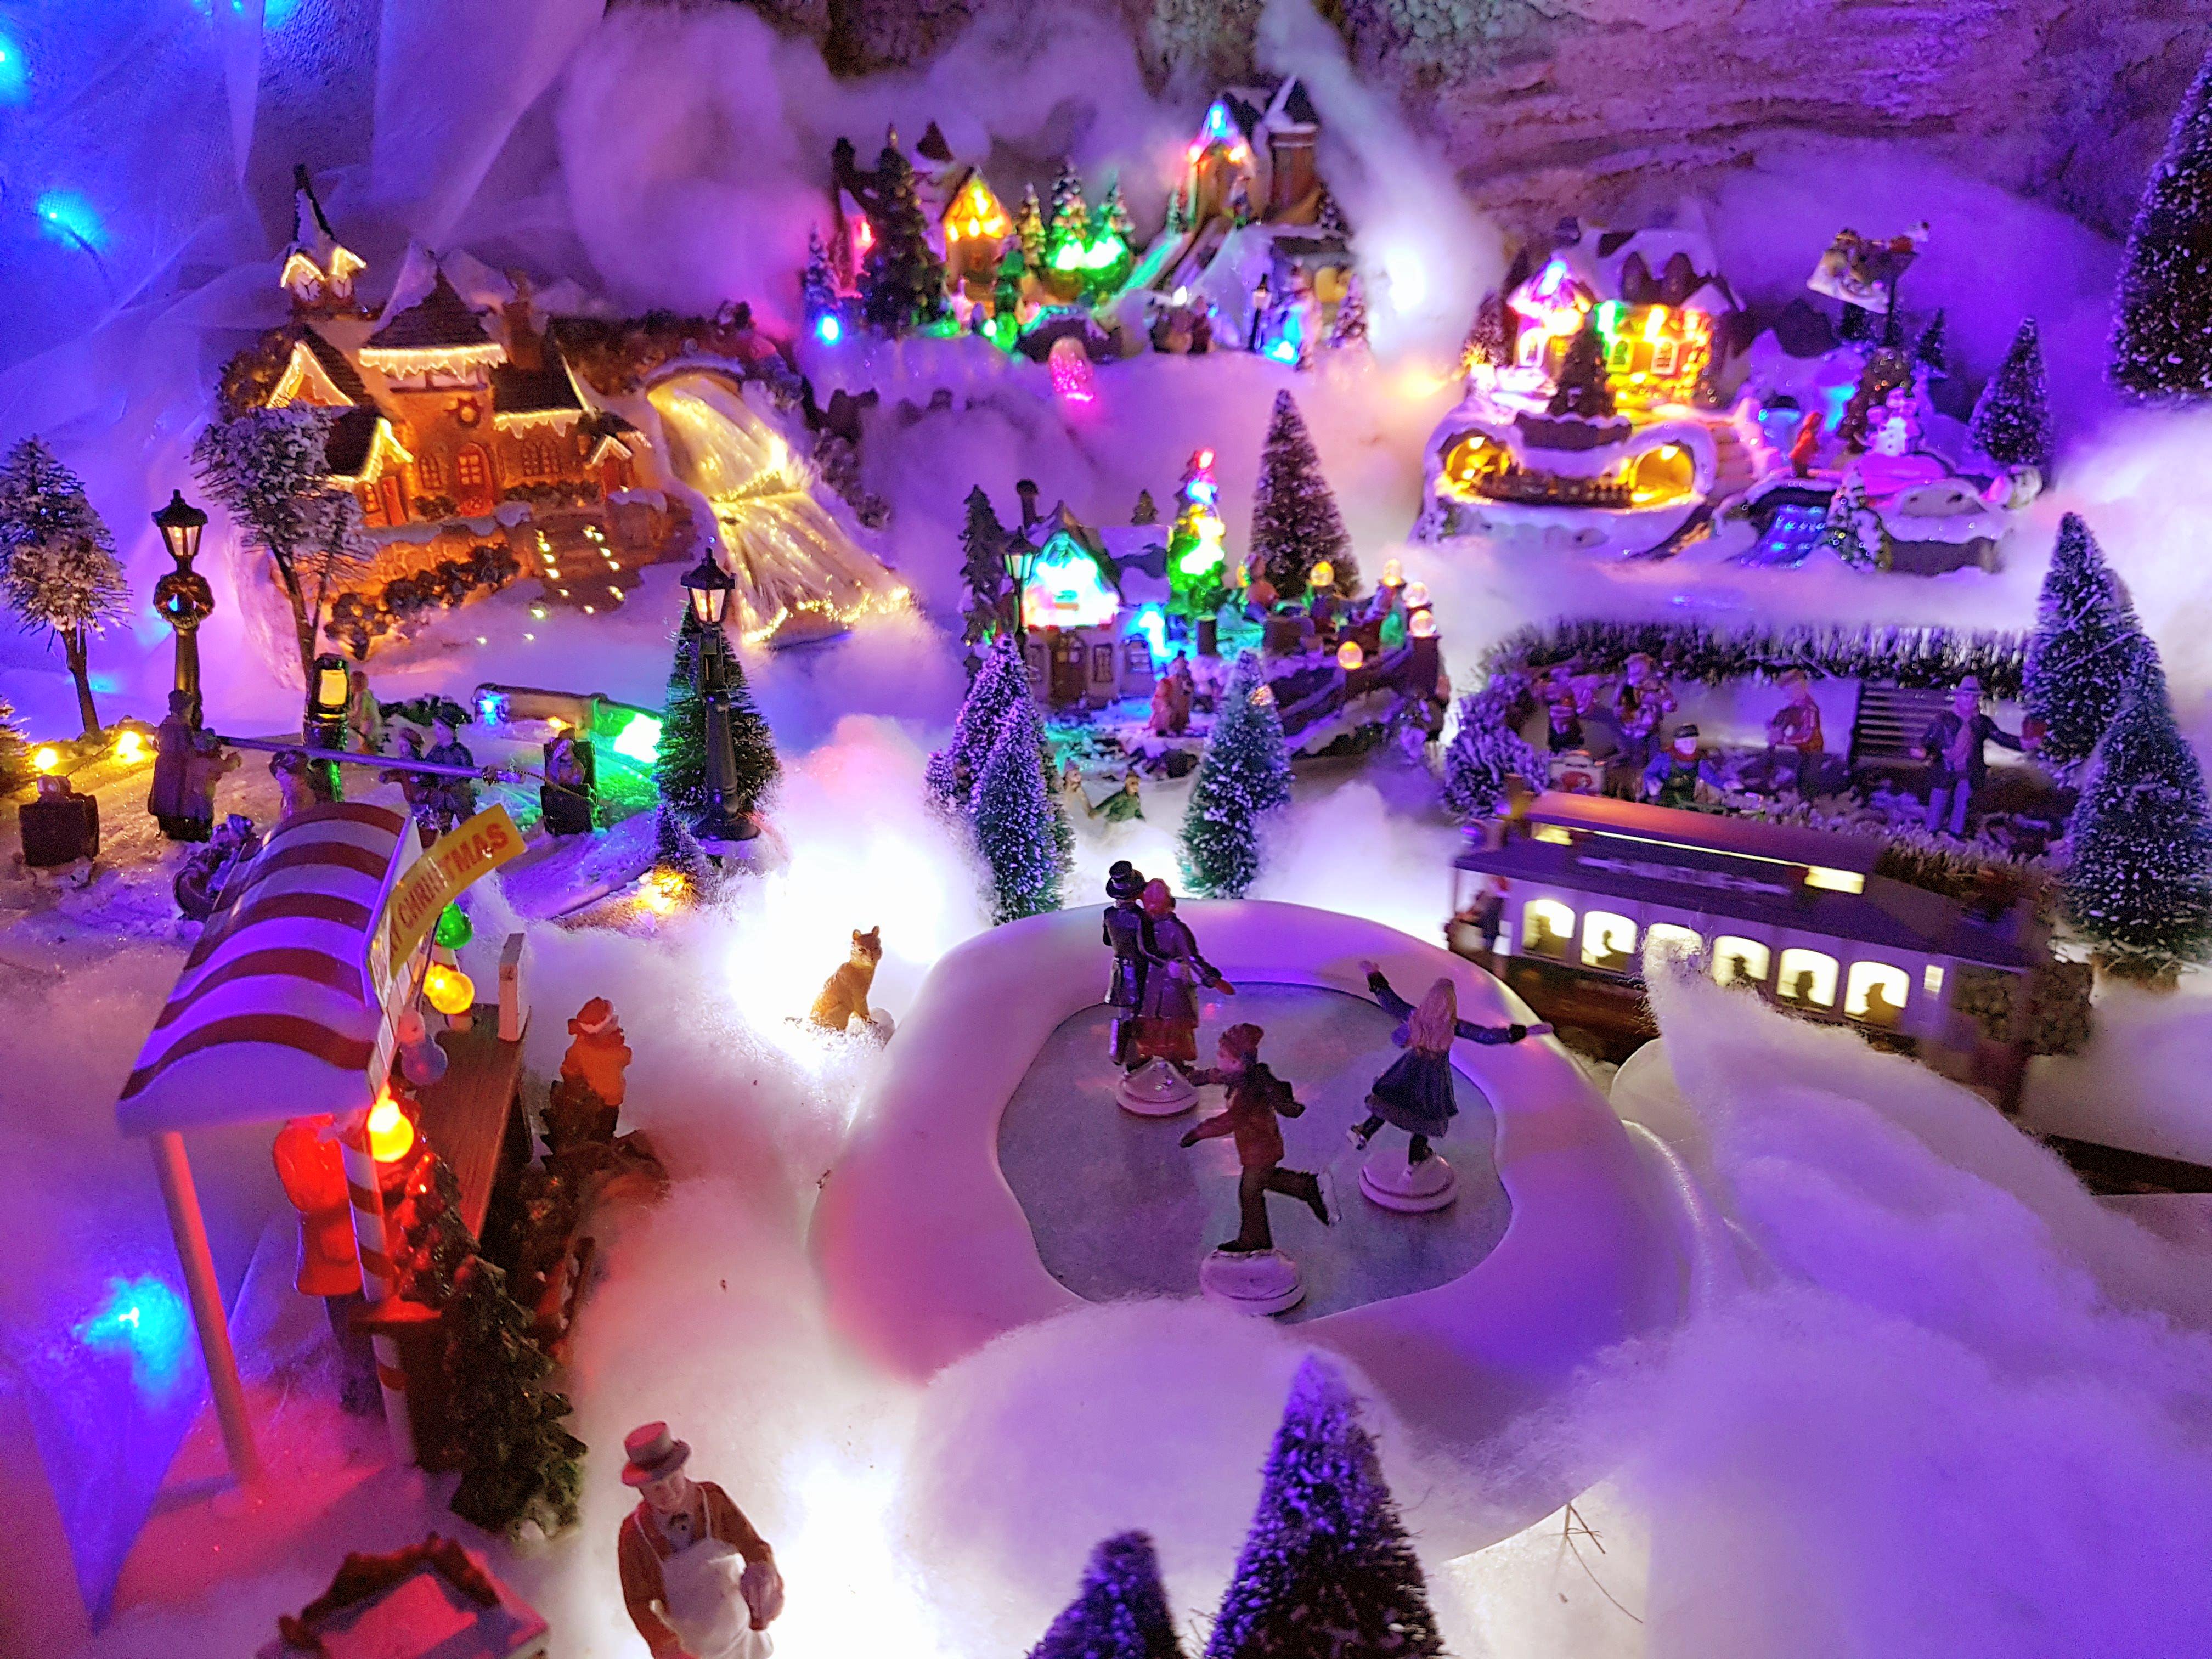 Natale in Grotta 2018